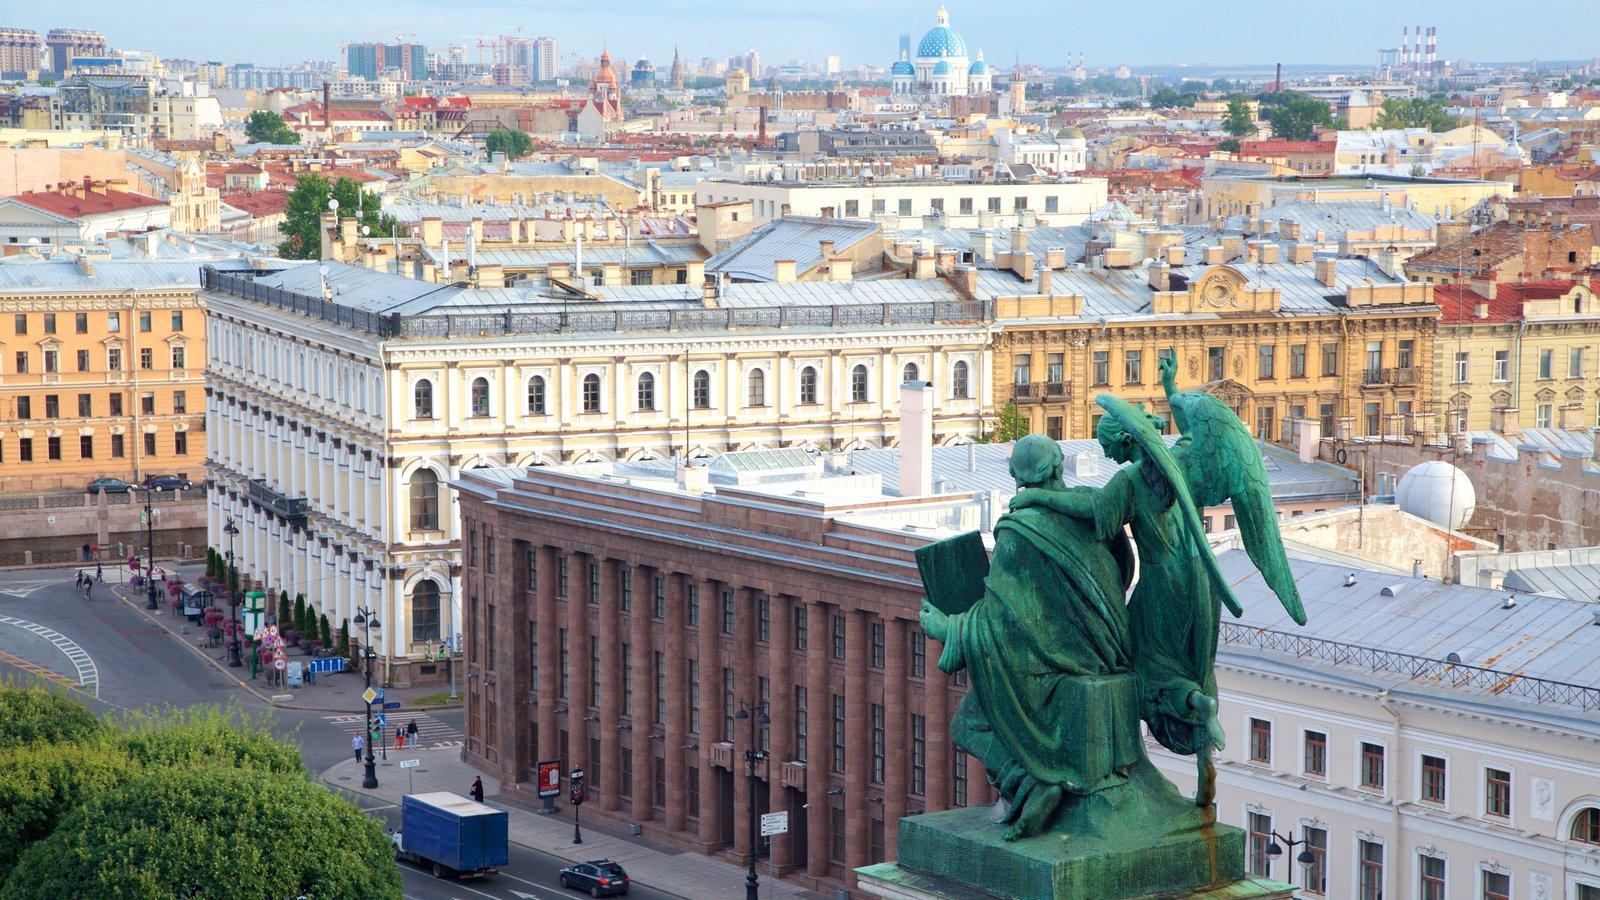 Catedral de S. Isaac que inclui uma estátua ou escultura e uma cidade